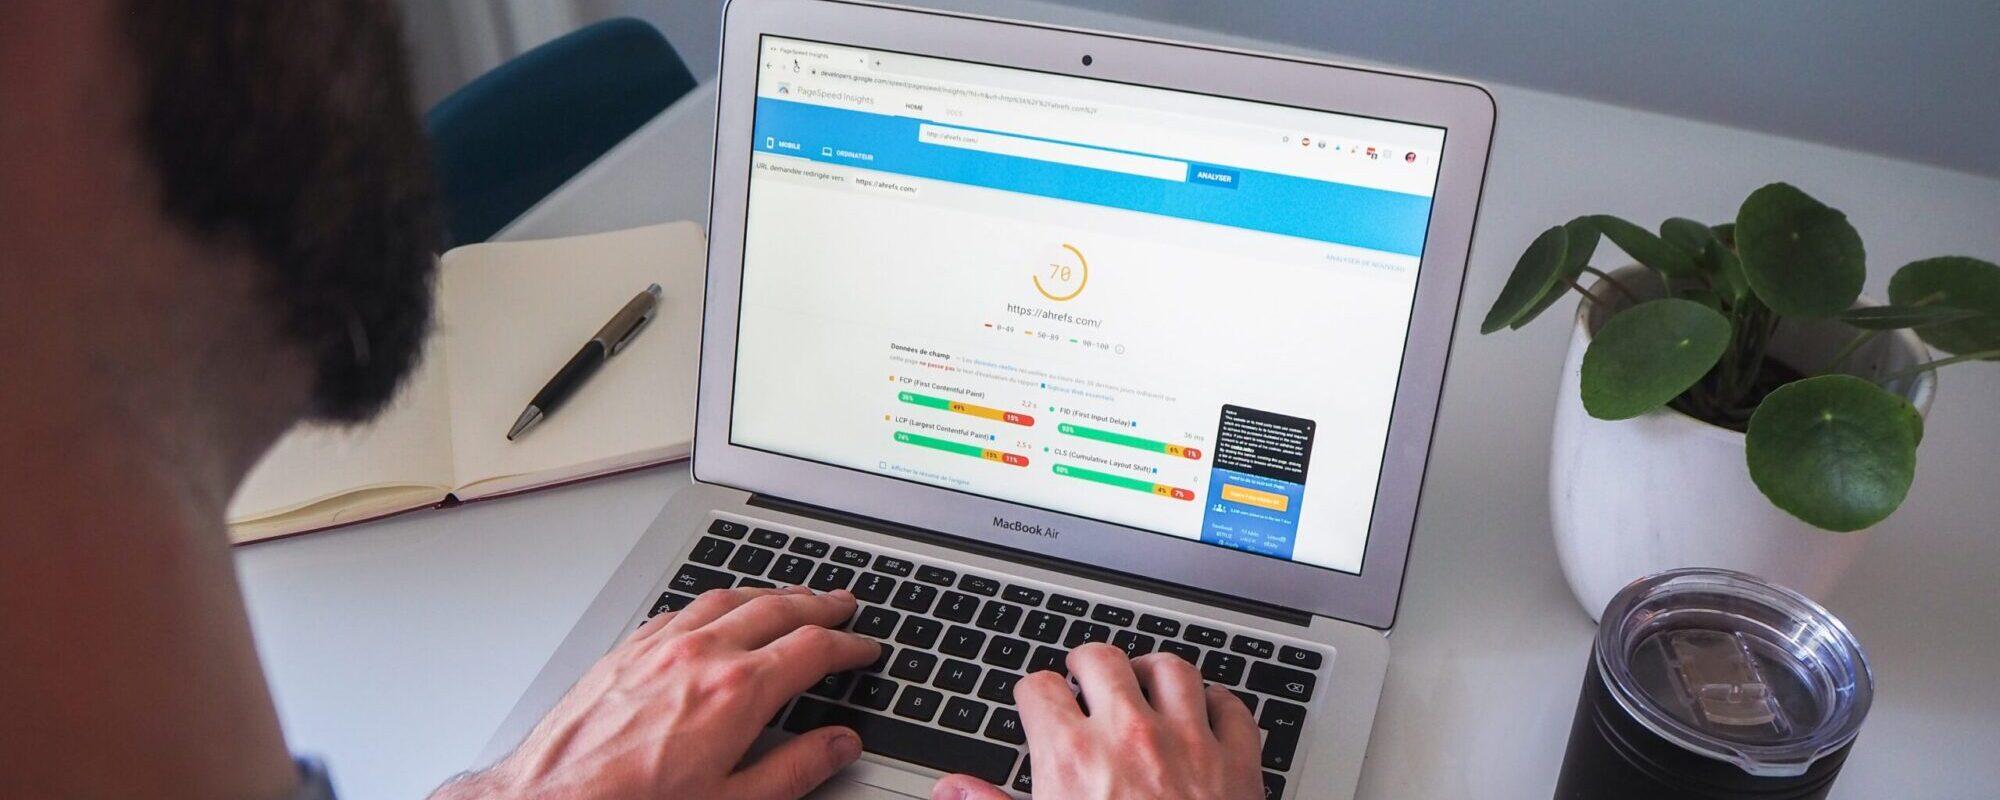 SEO optimering med online markedsføring